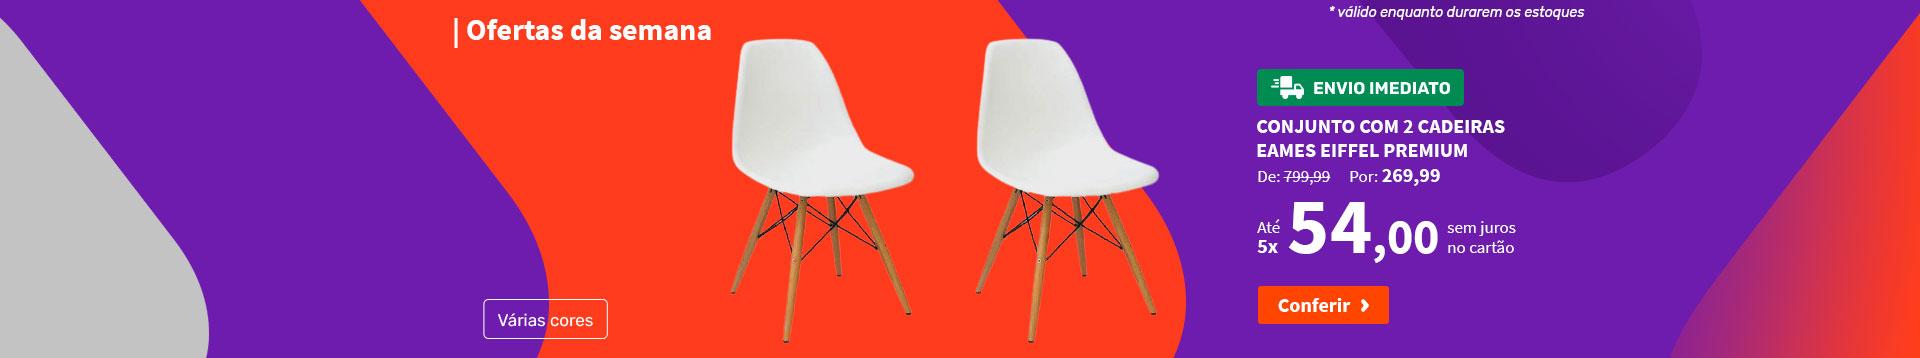 Conjunto com 2 Cadeiras Eames Eiffel Premium - Ofertas da semana